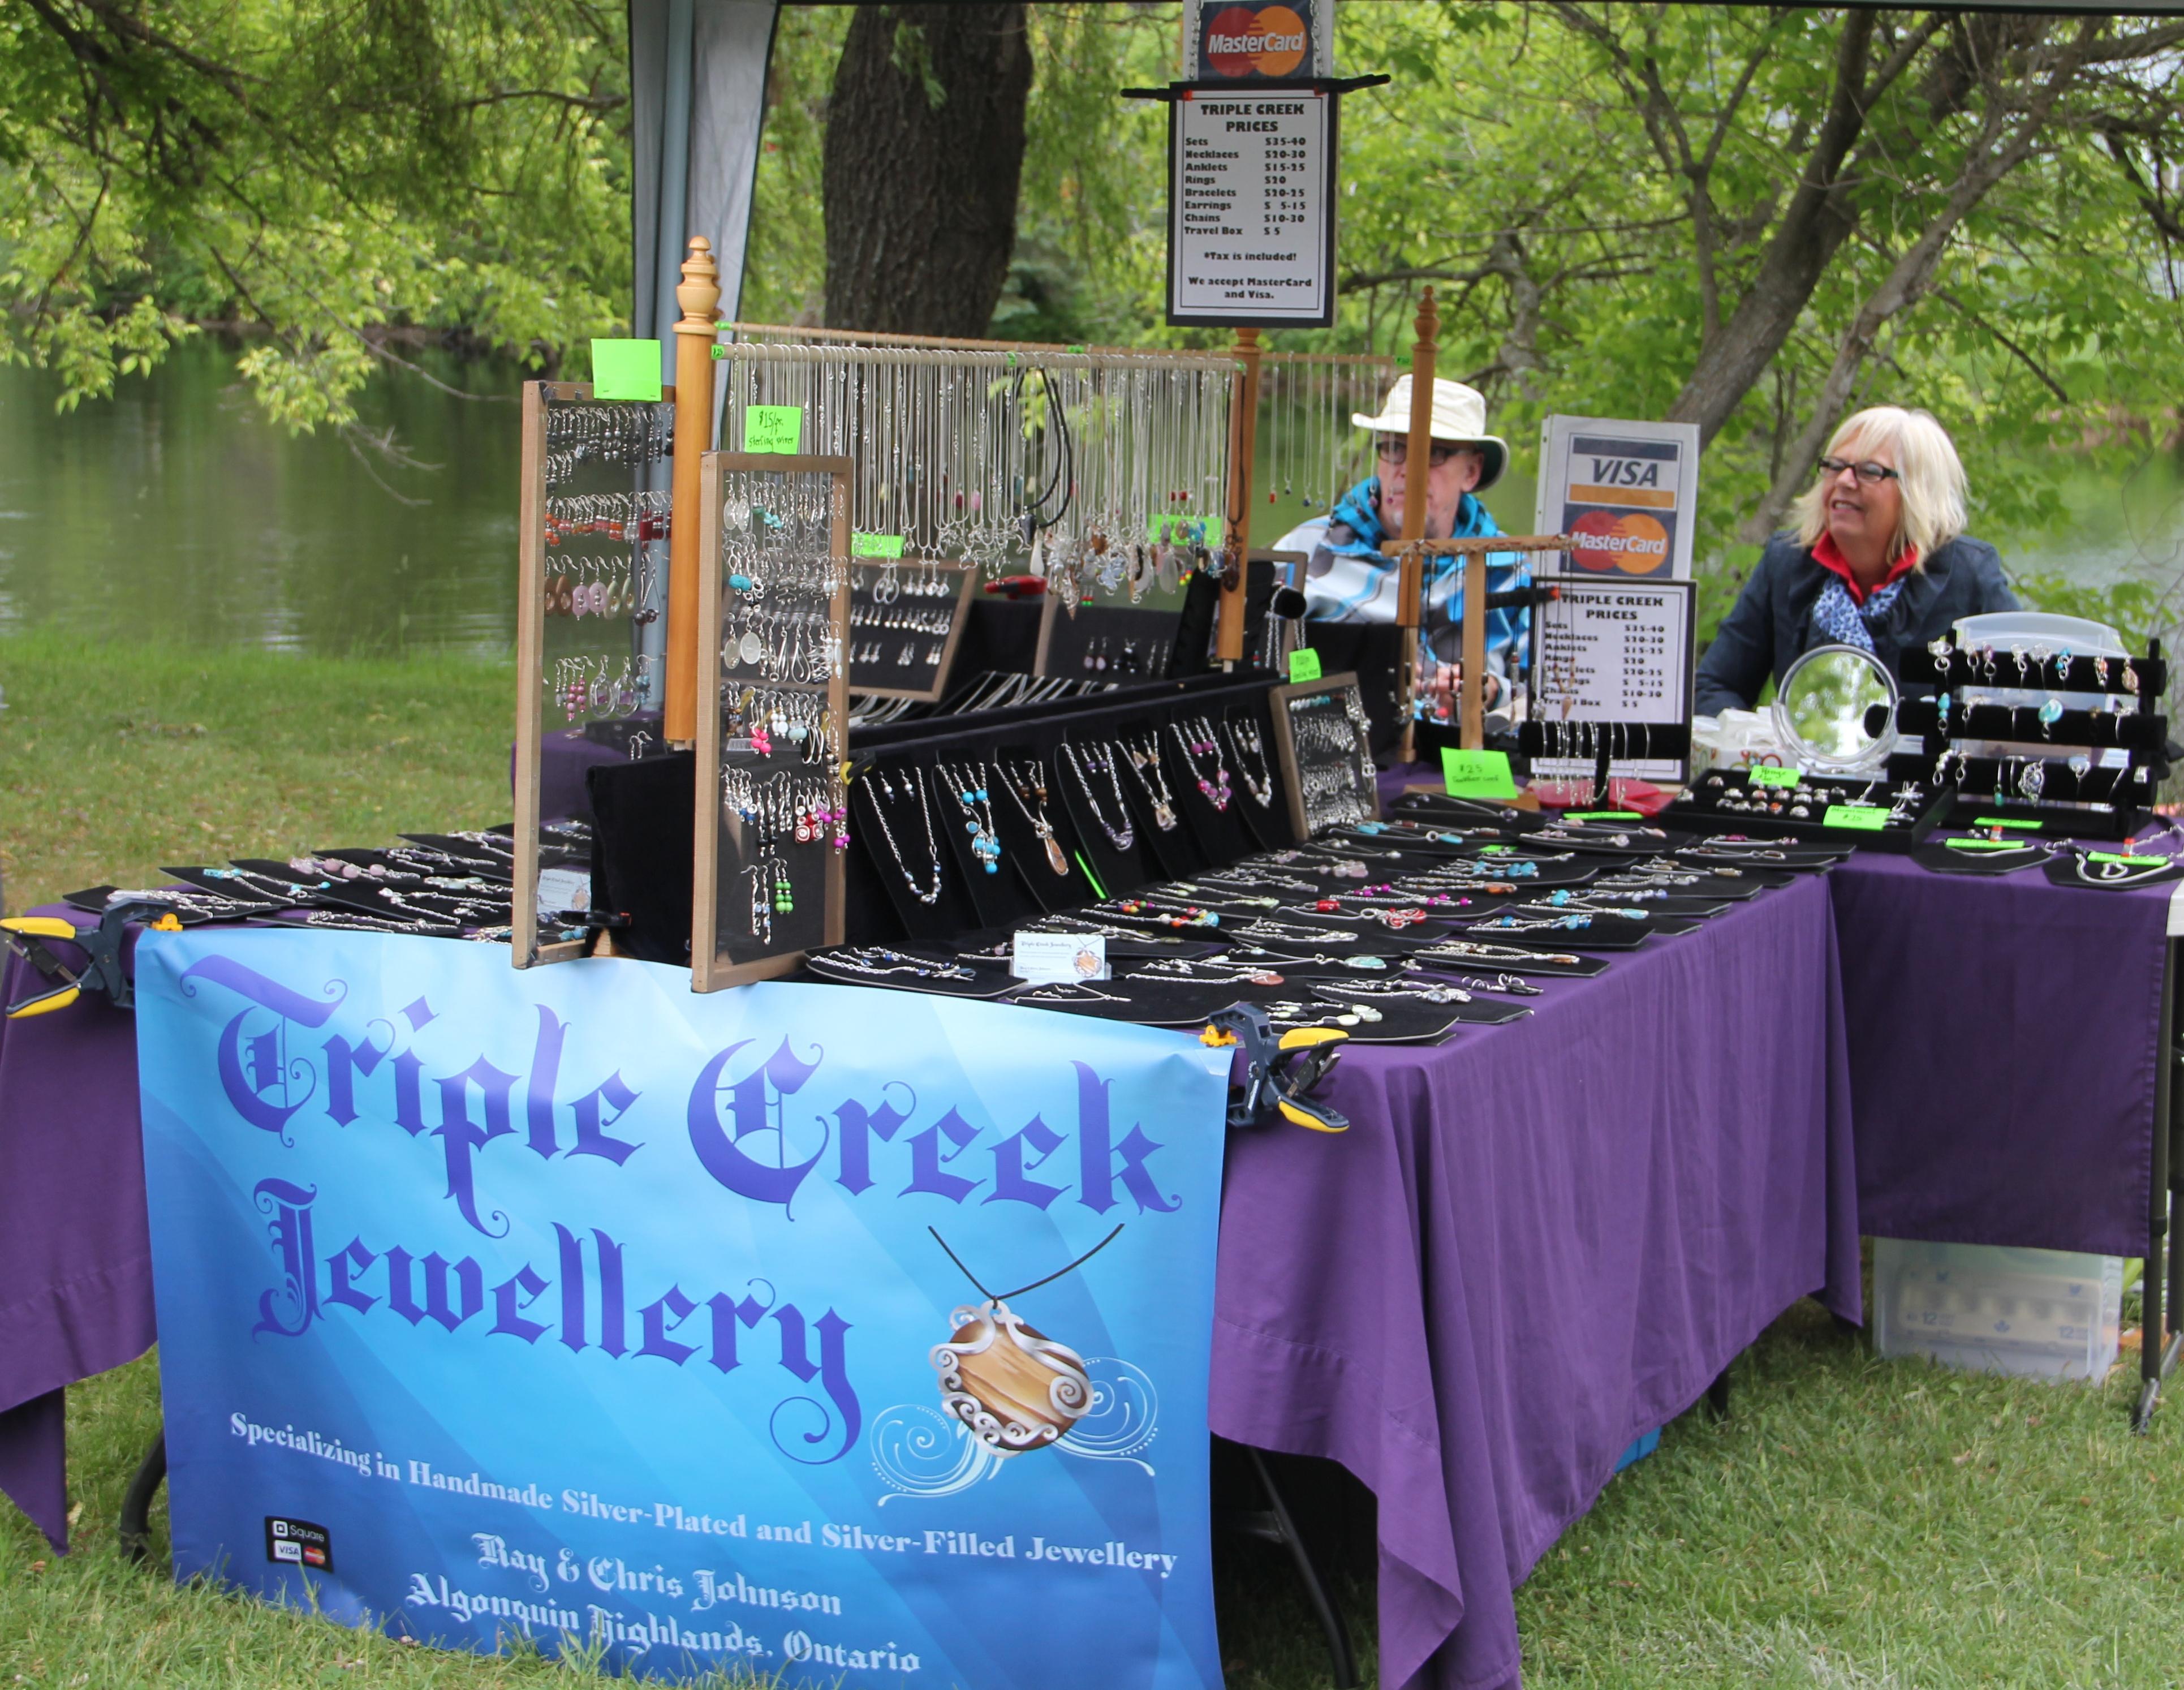 Triple Creek Jewellery